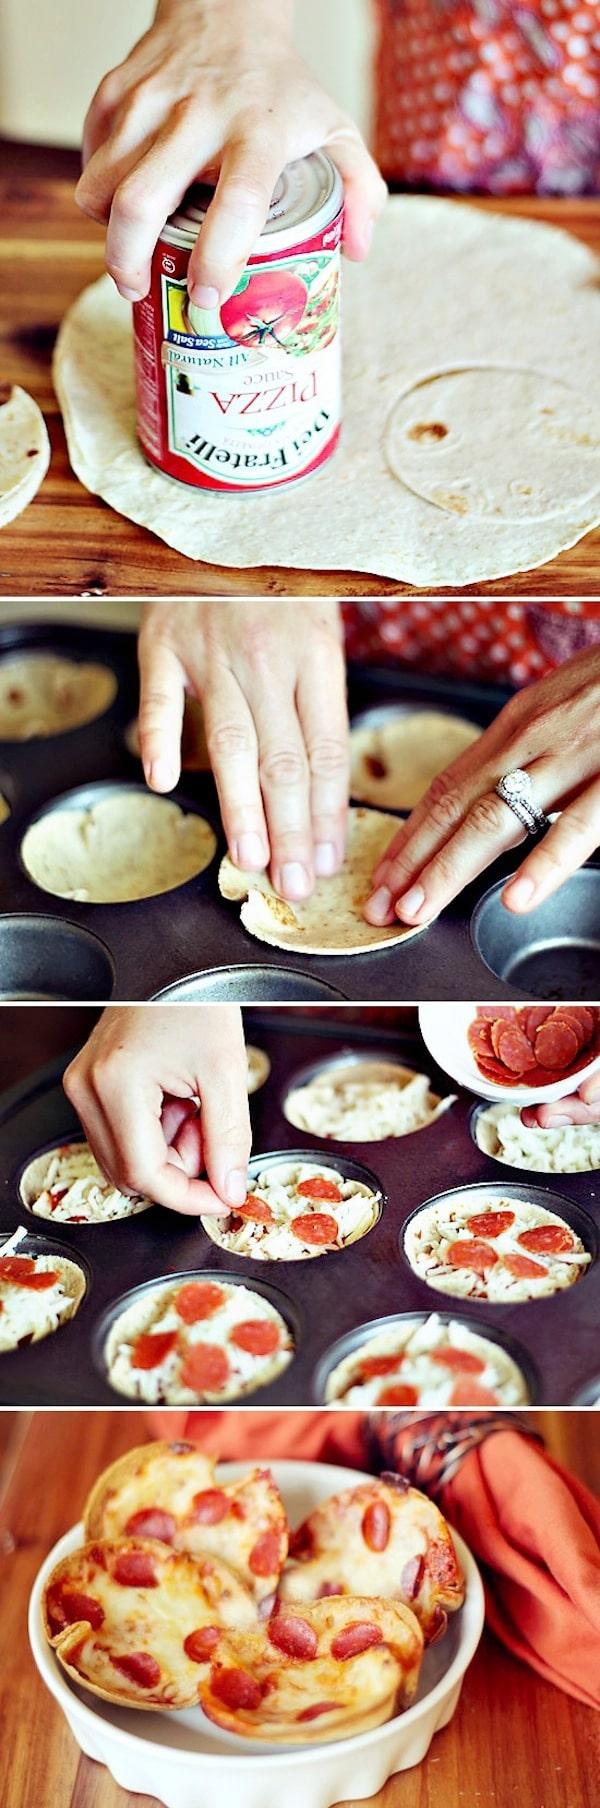 pizzas con pan árabe